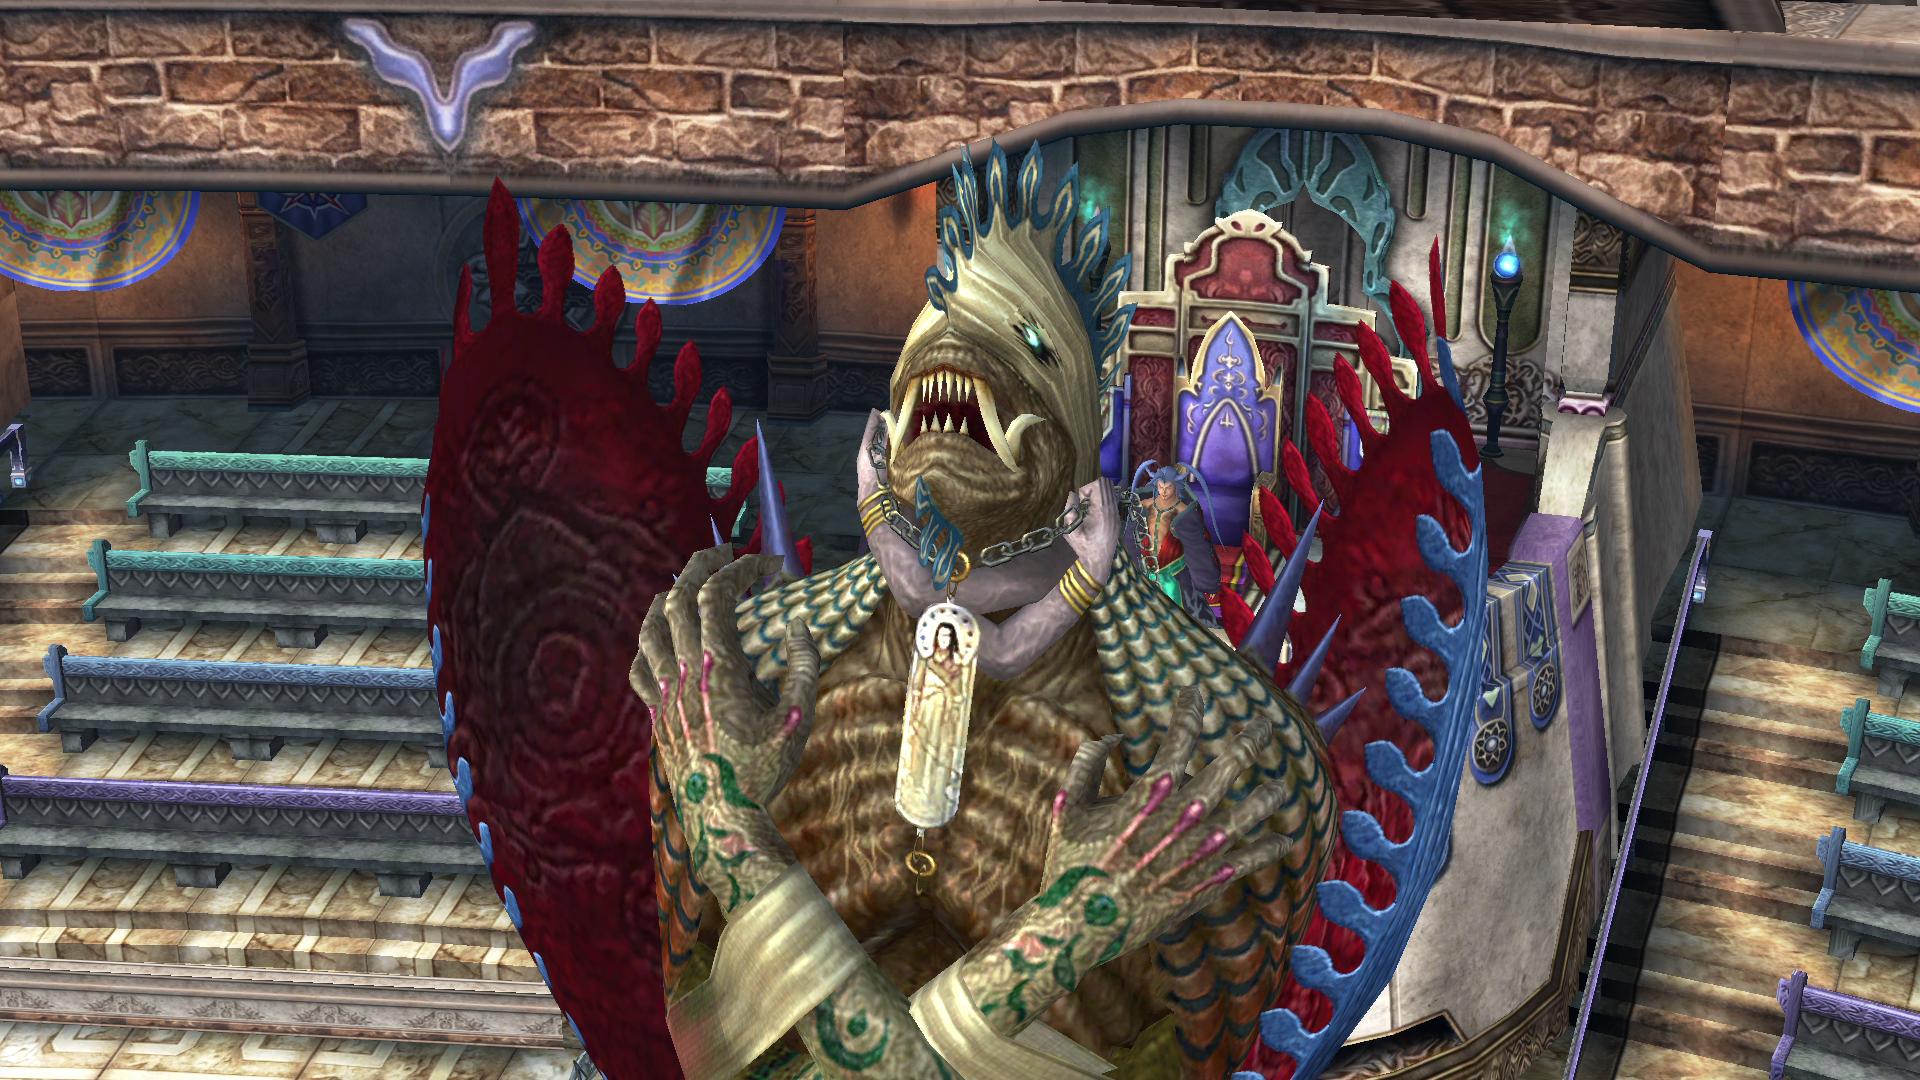 anima summon final fantasy wiki fandom powered by wikia